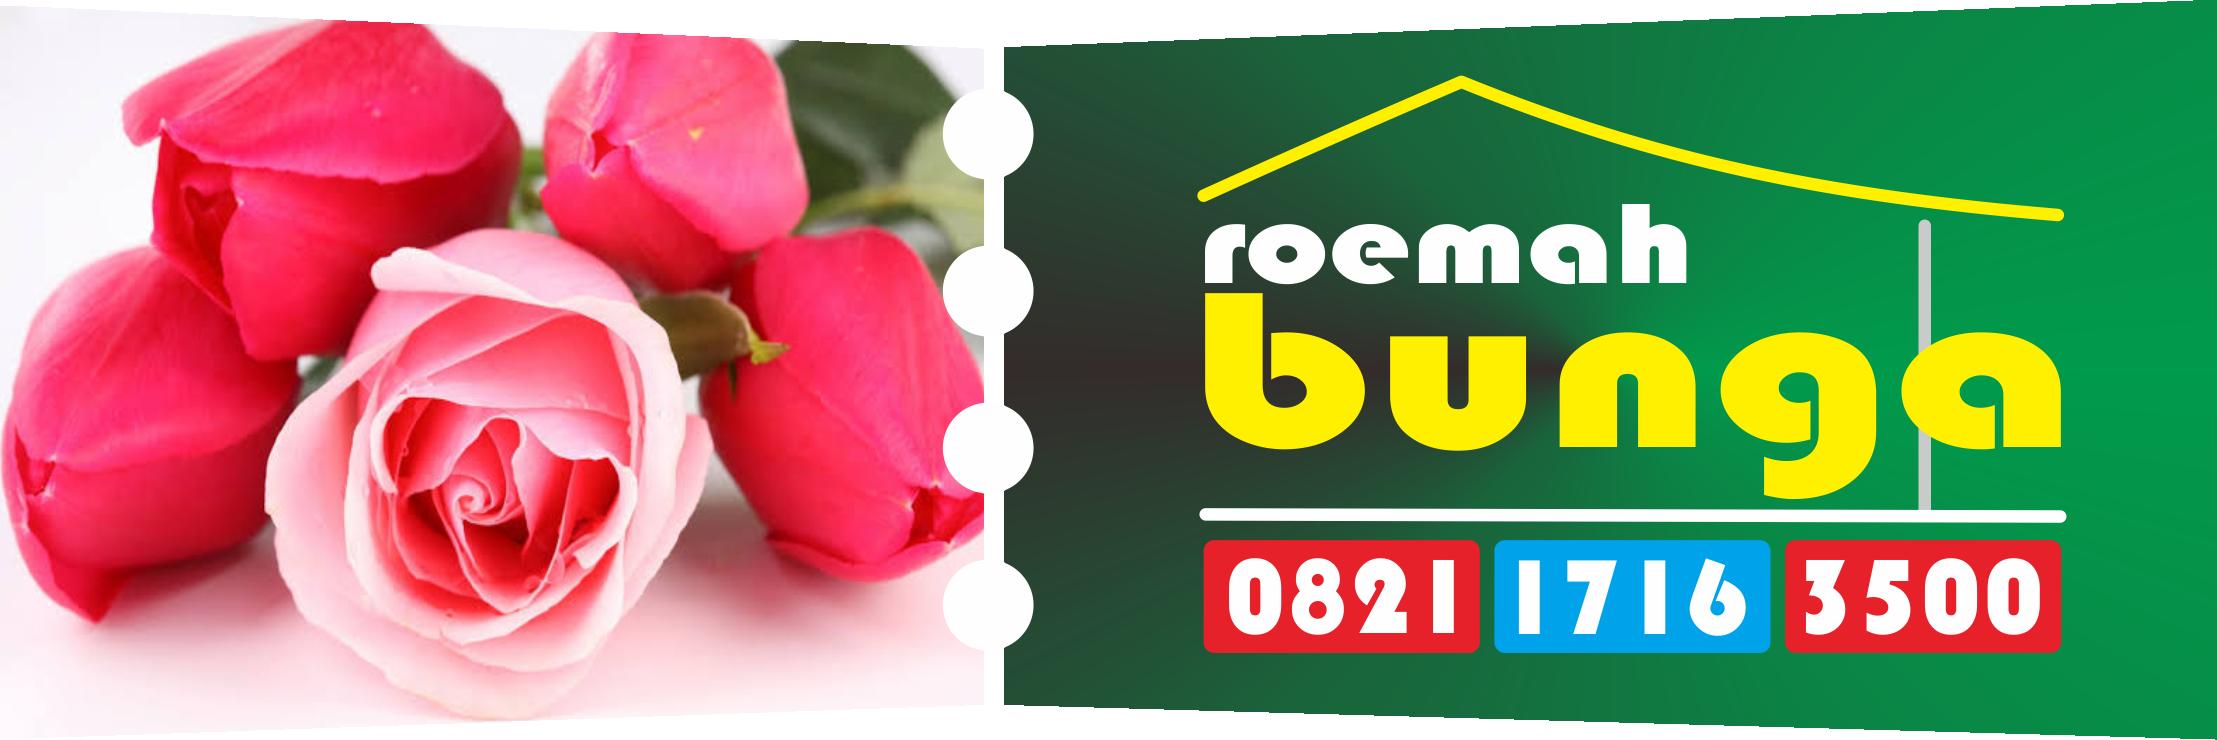 Roses In a Basket Toko Bunga Bandung Roemah Rumah Bunga